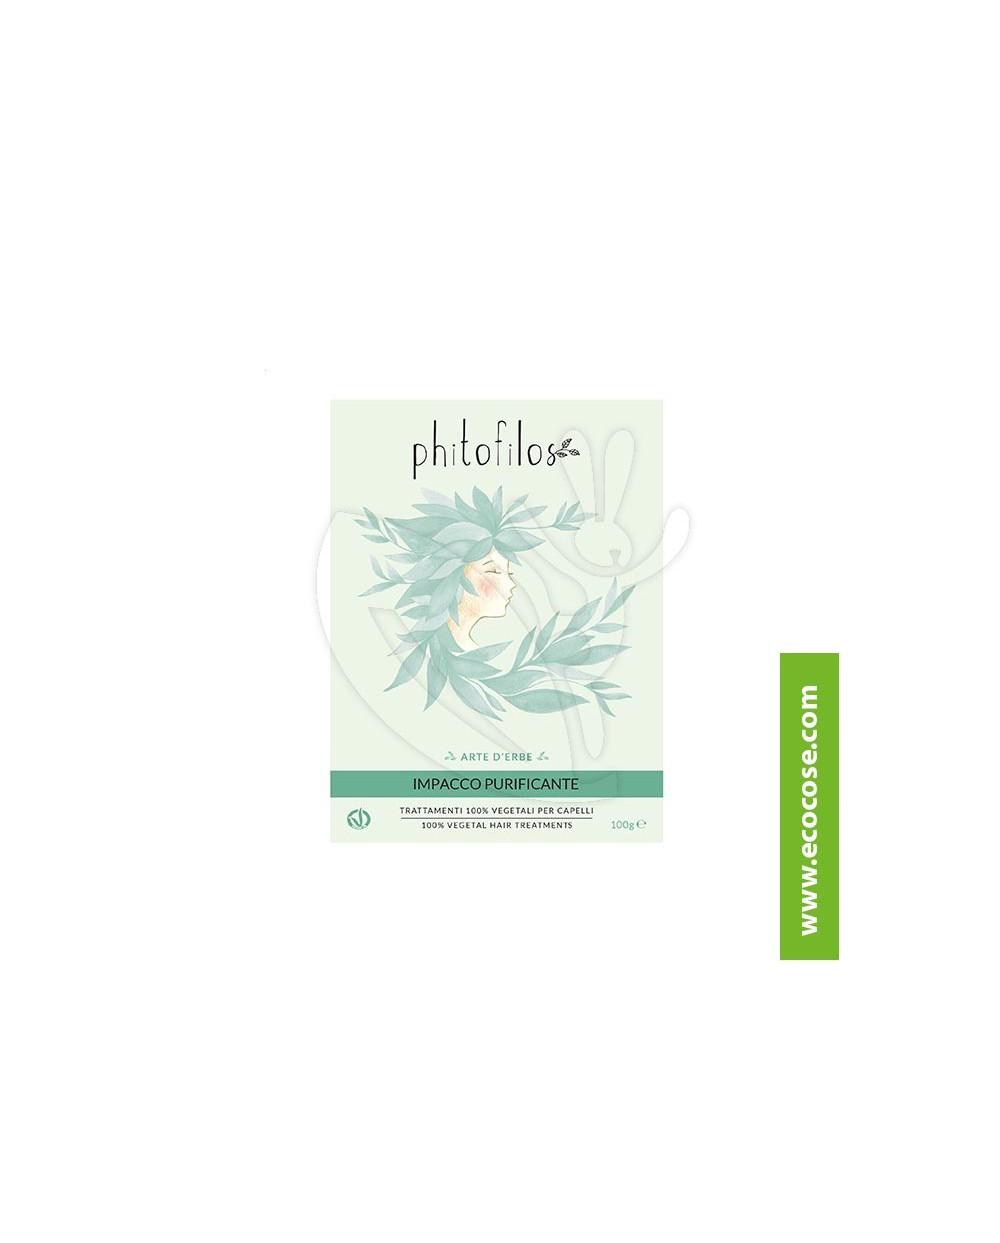 Phitofilos - Arte D'Erbe - Impacco purificante